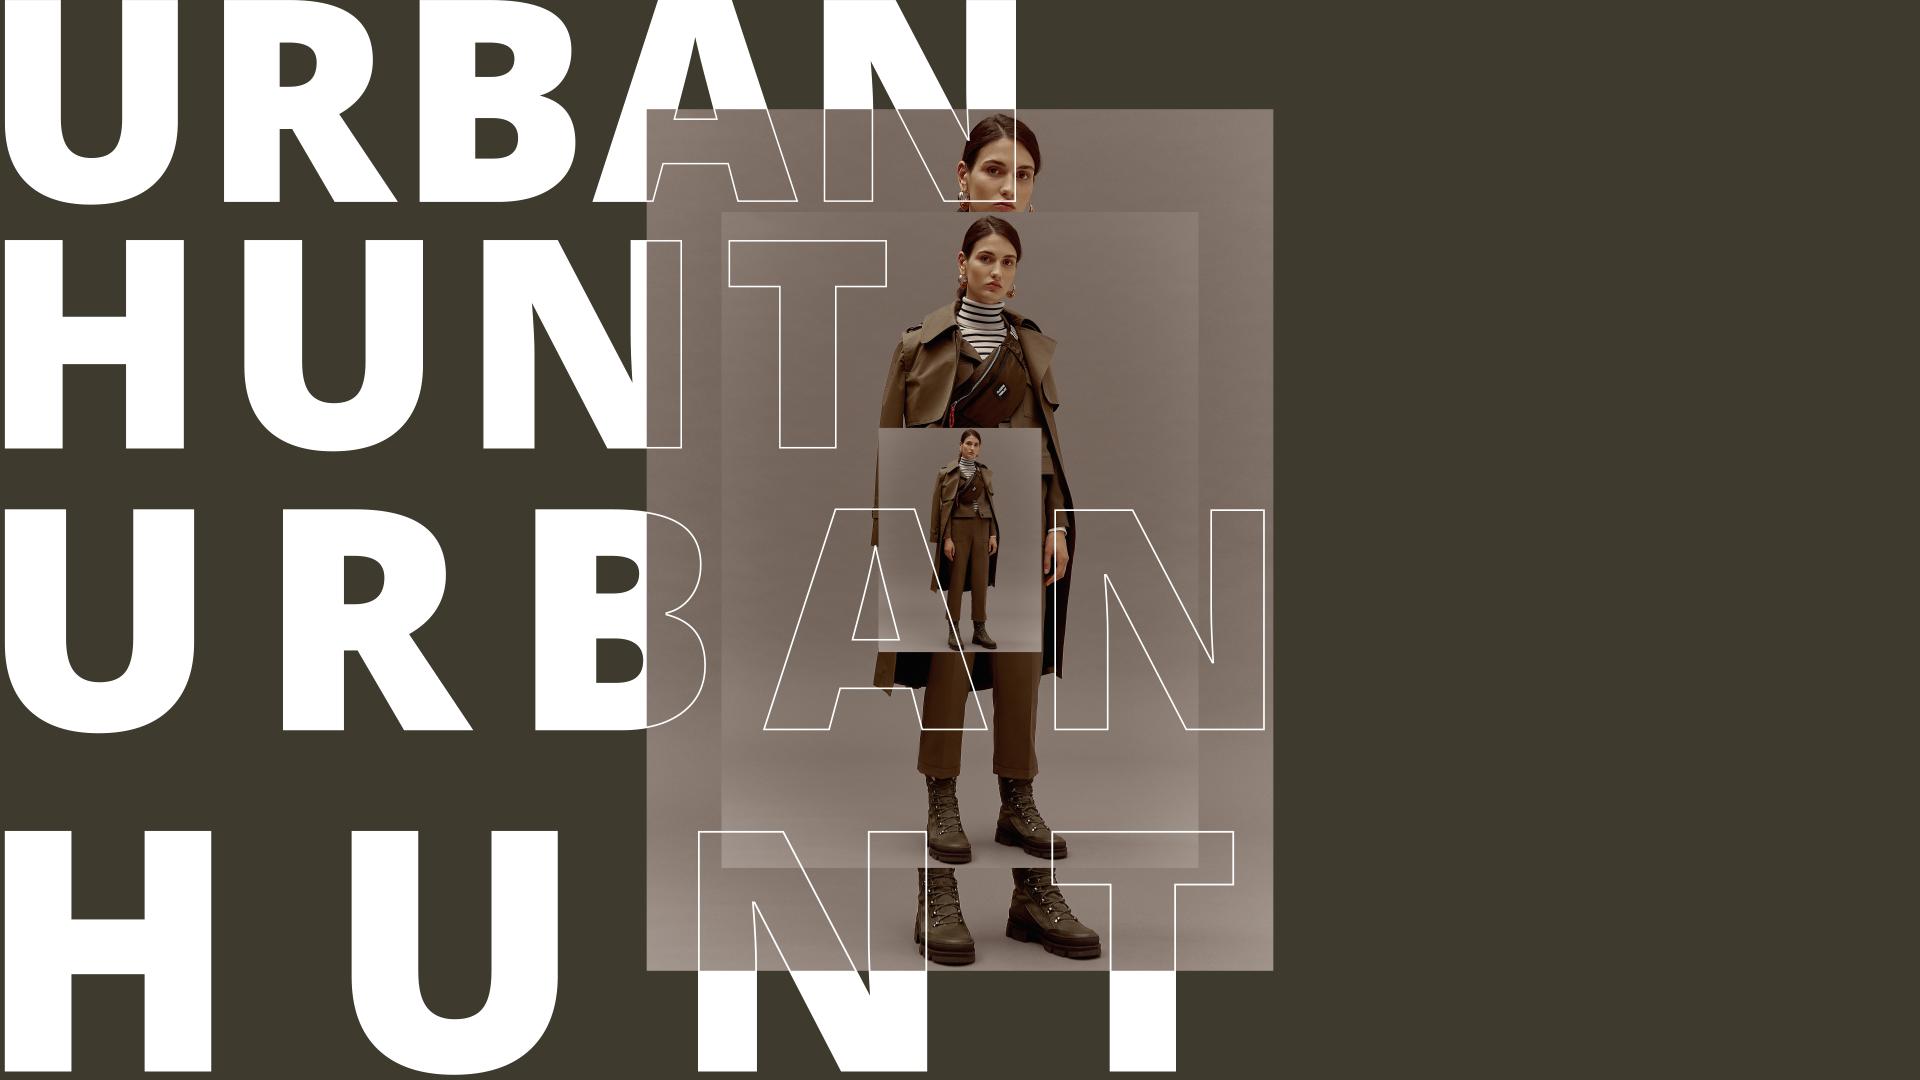 Capt_UrbanHunt_06